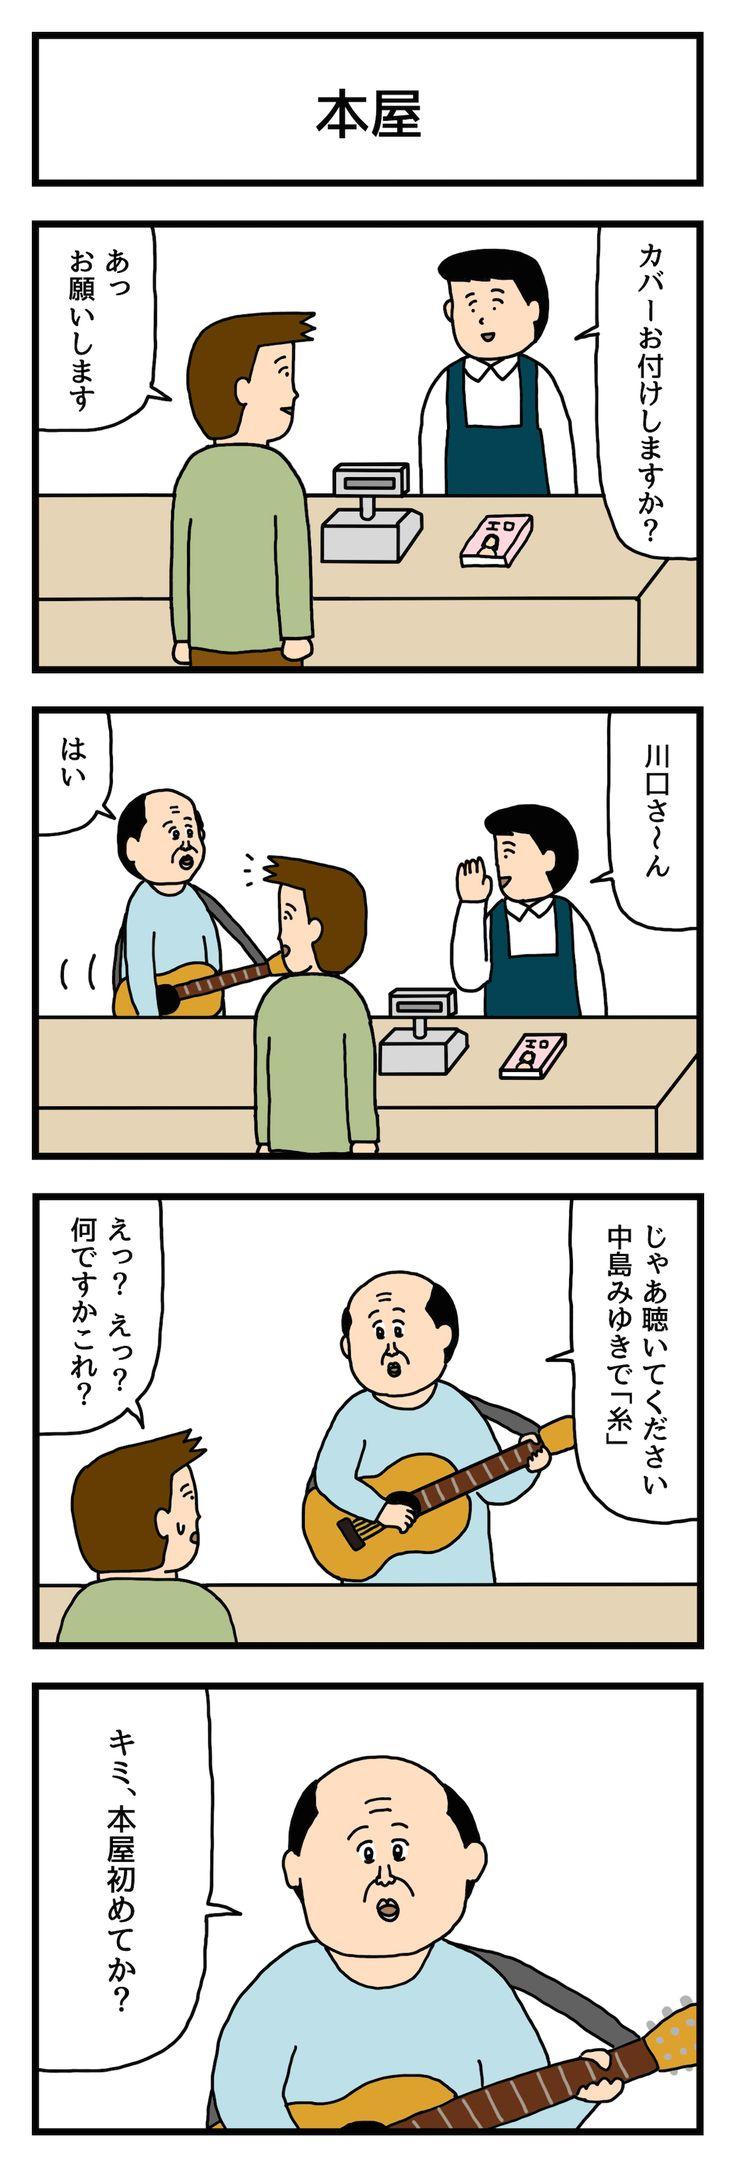 ネットで話題の4コママンガ「たのしい4コマ」がタウンワークマガジンに登場! 第25回目のテーマは「本屋」。 作:せきの (@sekino4koma) ブログ「たのしい4コマ」にてシュール系4コマ漫画を定期的に配信。「いま…